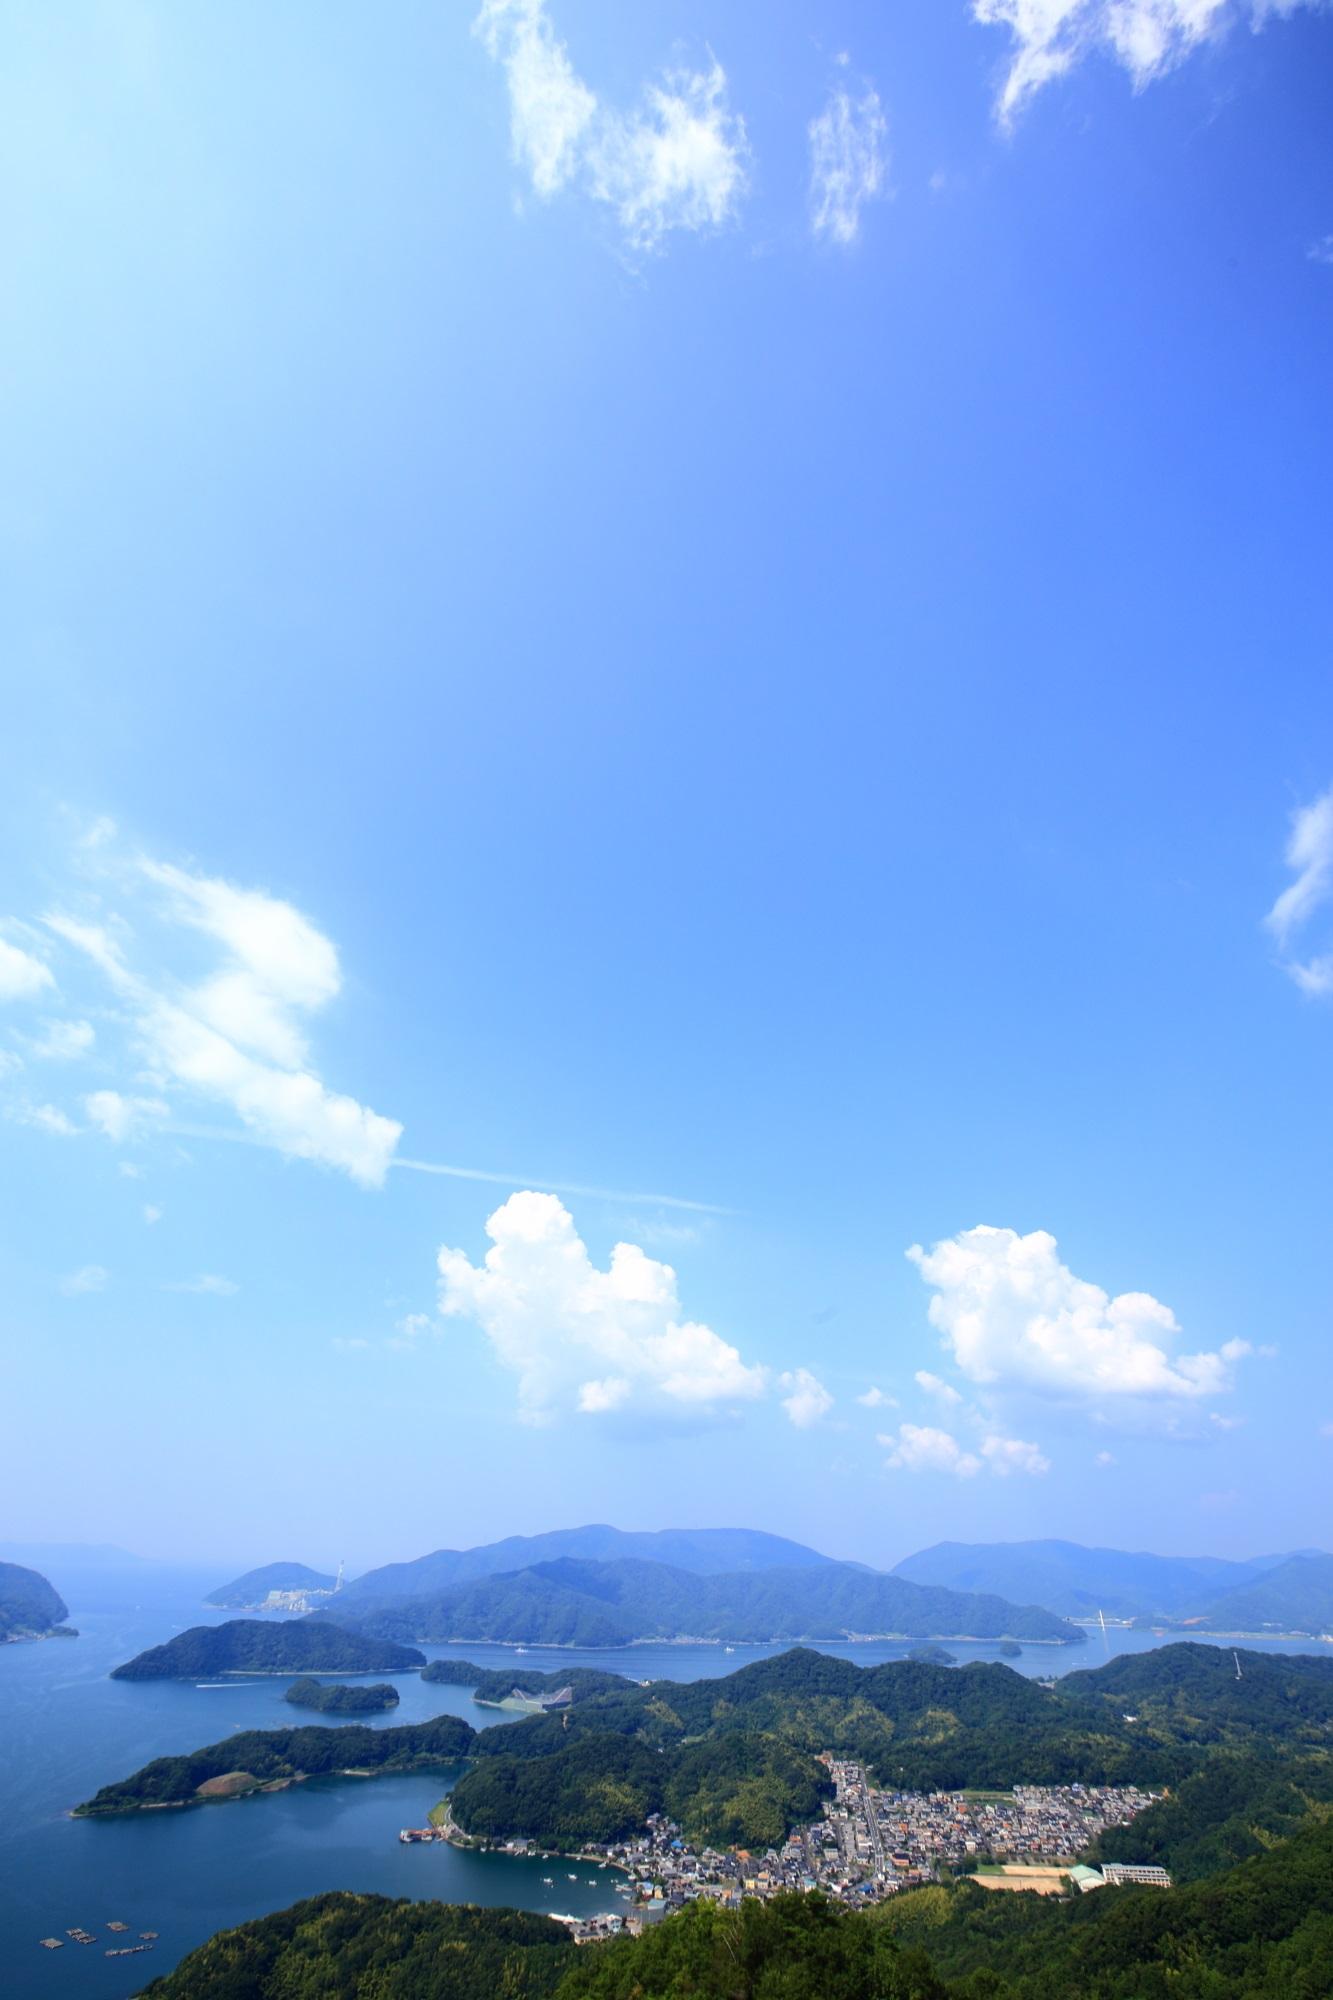 舞鶴の五老岳から眺めた青空の下の舞鶴湾